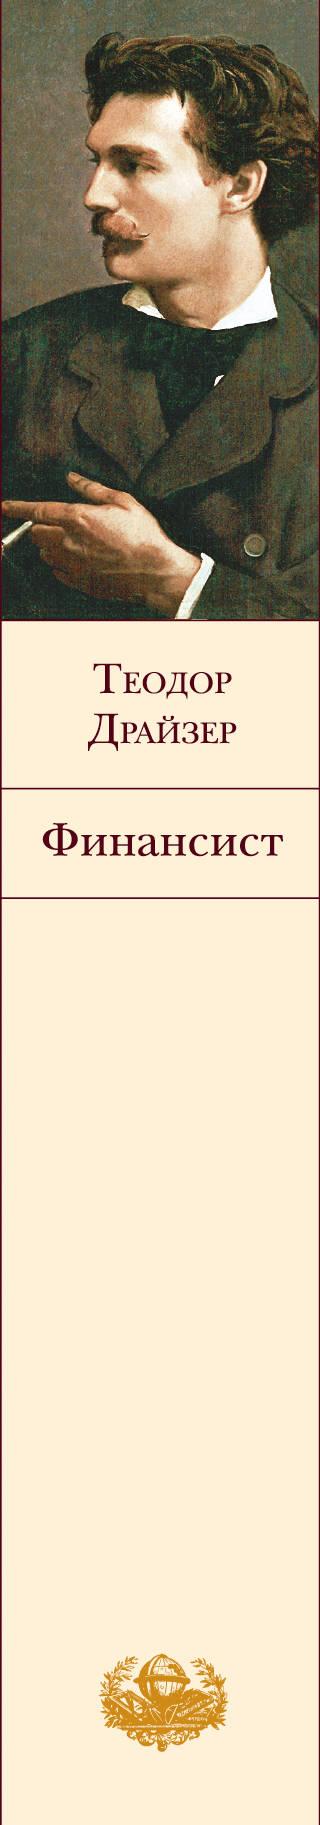 Финансист. Теодор Драйзер